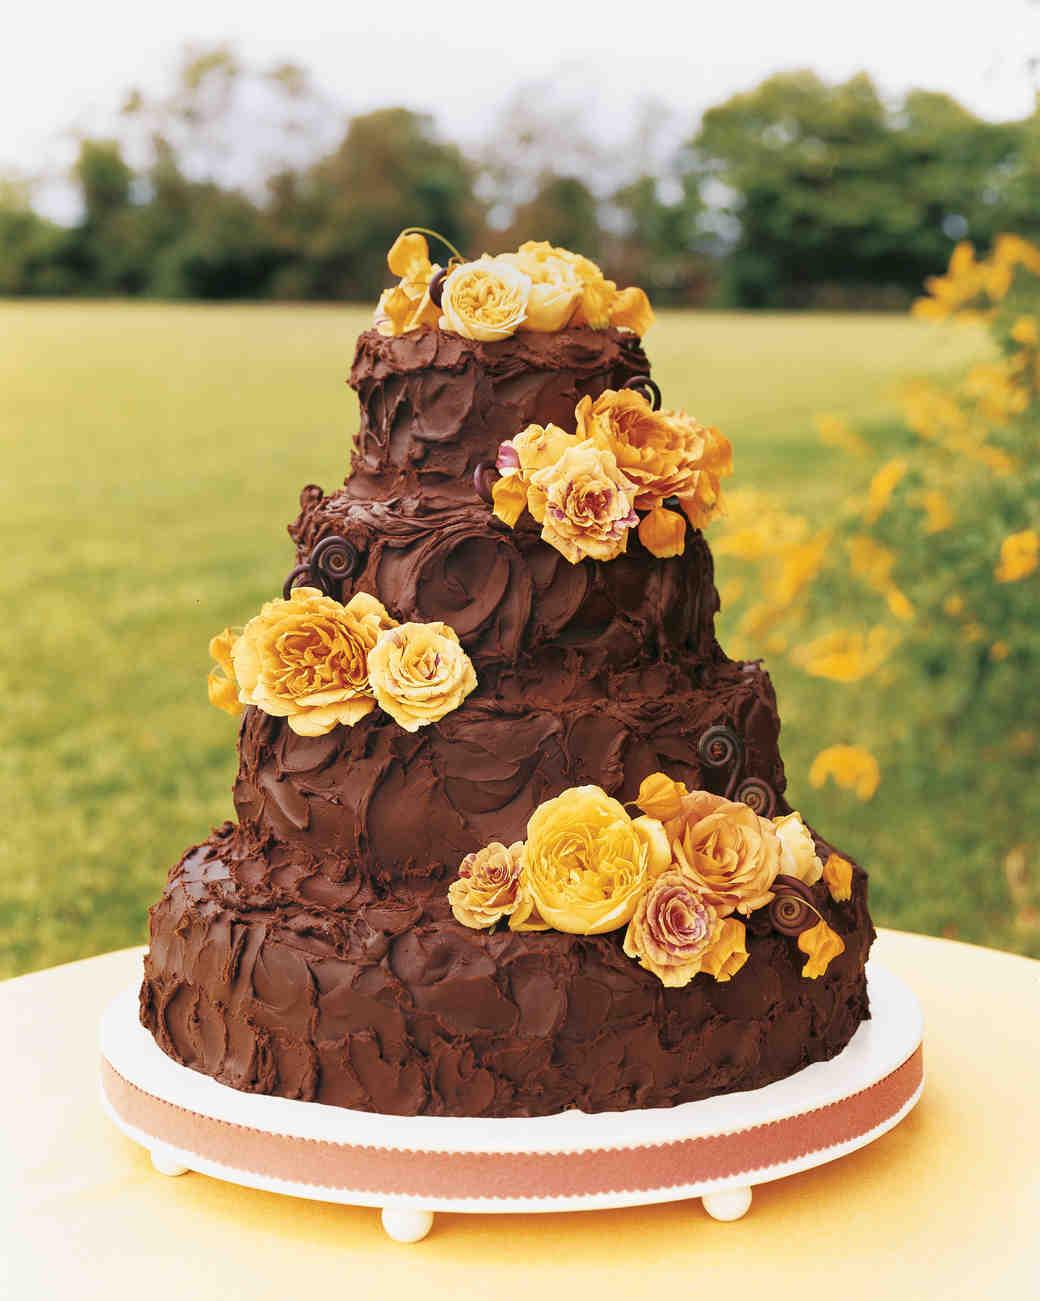 chocolate-cake-ideas-mwa102704cake-yellow-flowers-1114.jpg